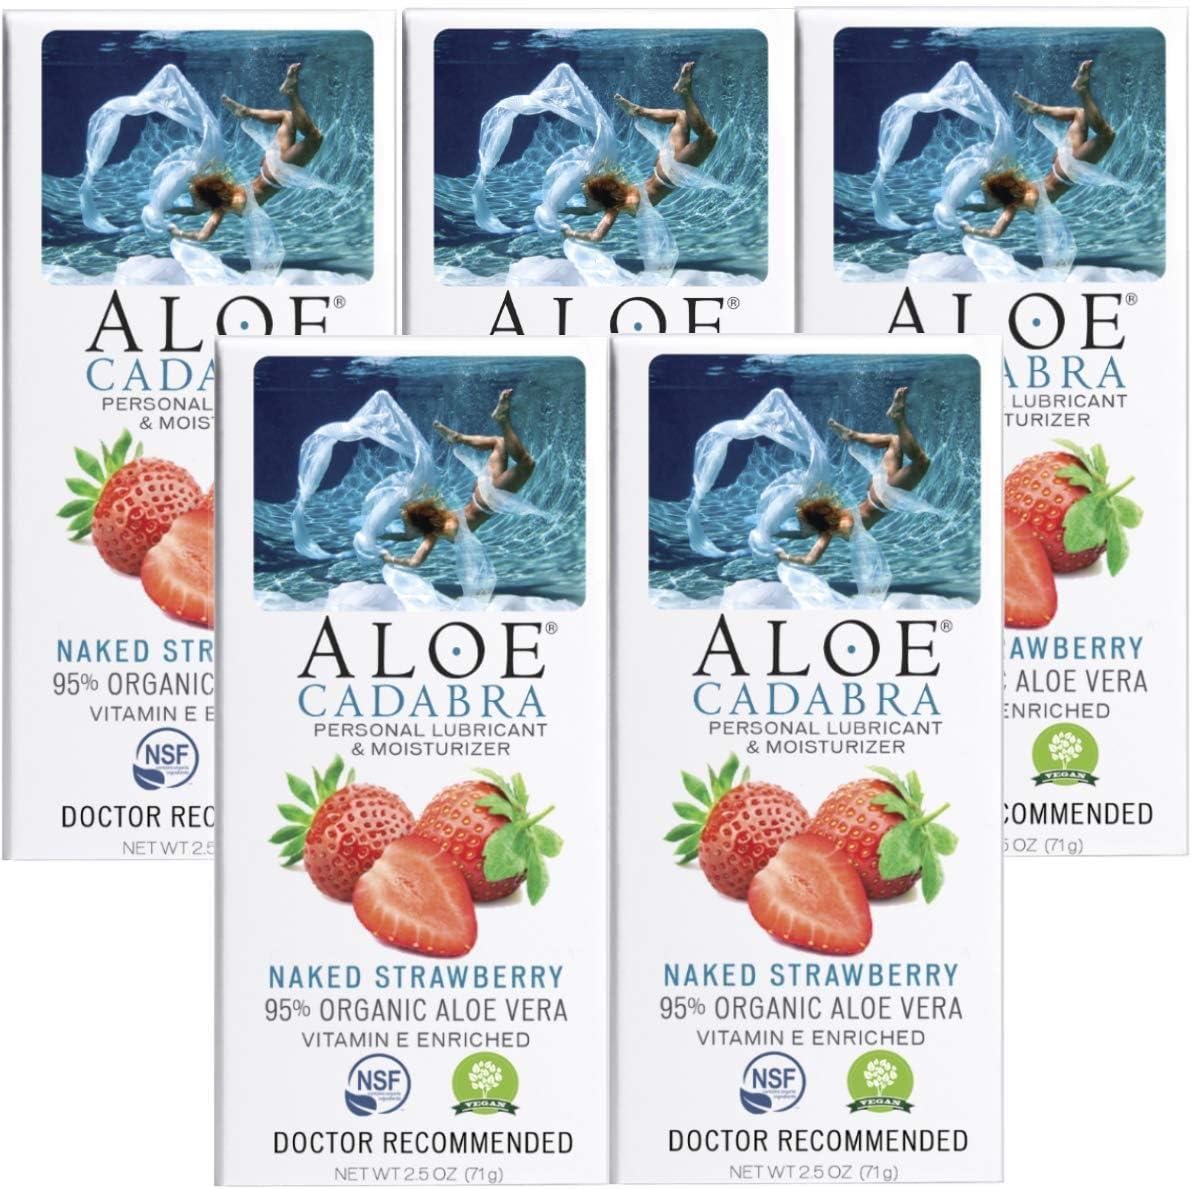 Aloe Phoenix Mall Cadabra Flavored Personal Lubricant fo 25% OFF Lube Passion Organic